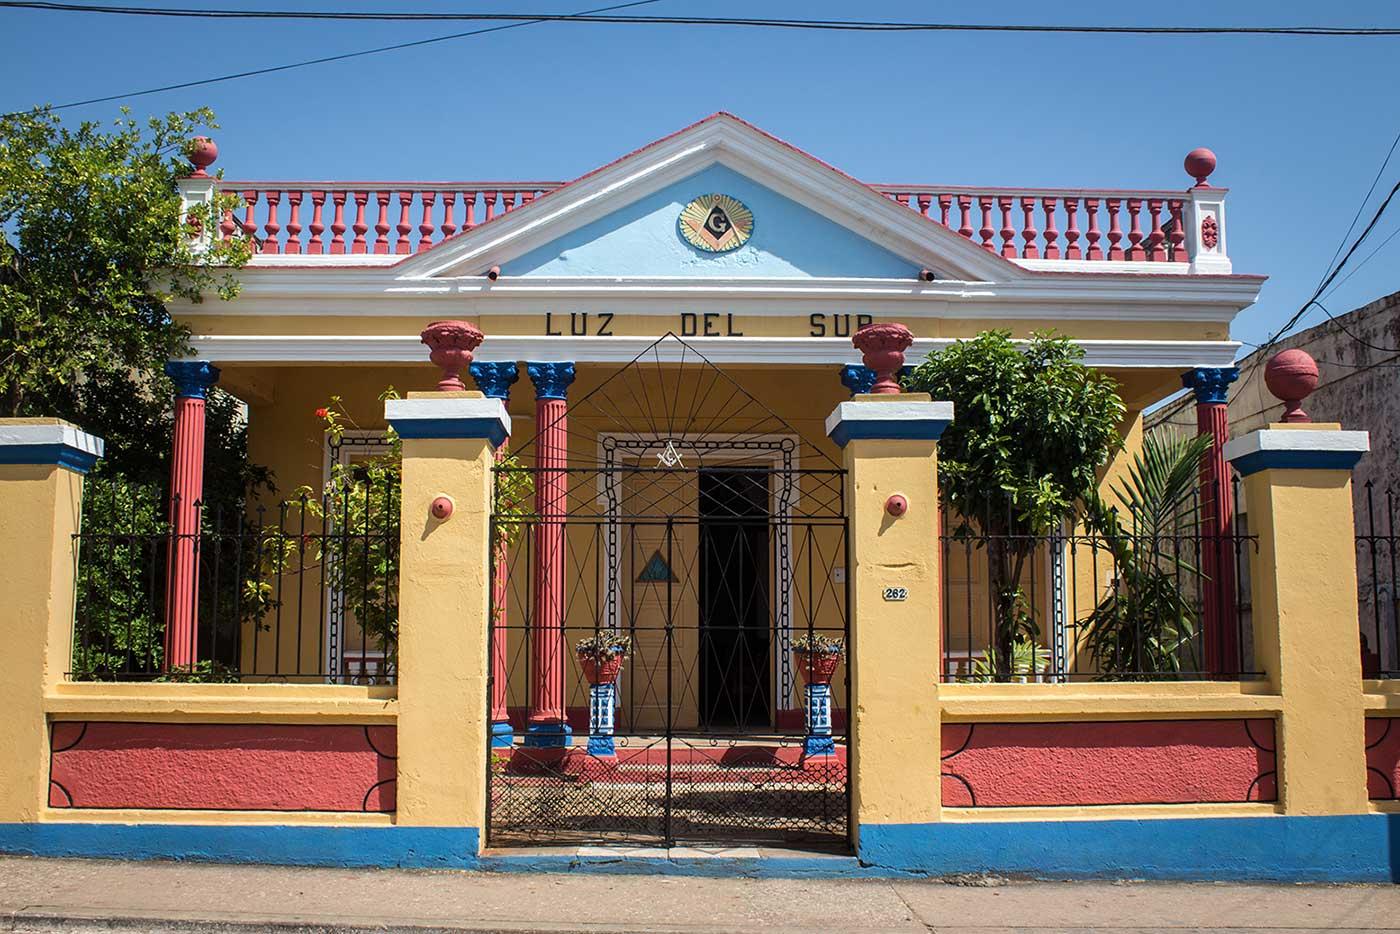 Logia Luz del Sur in Trinidad, Cuba.